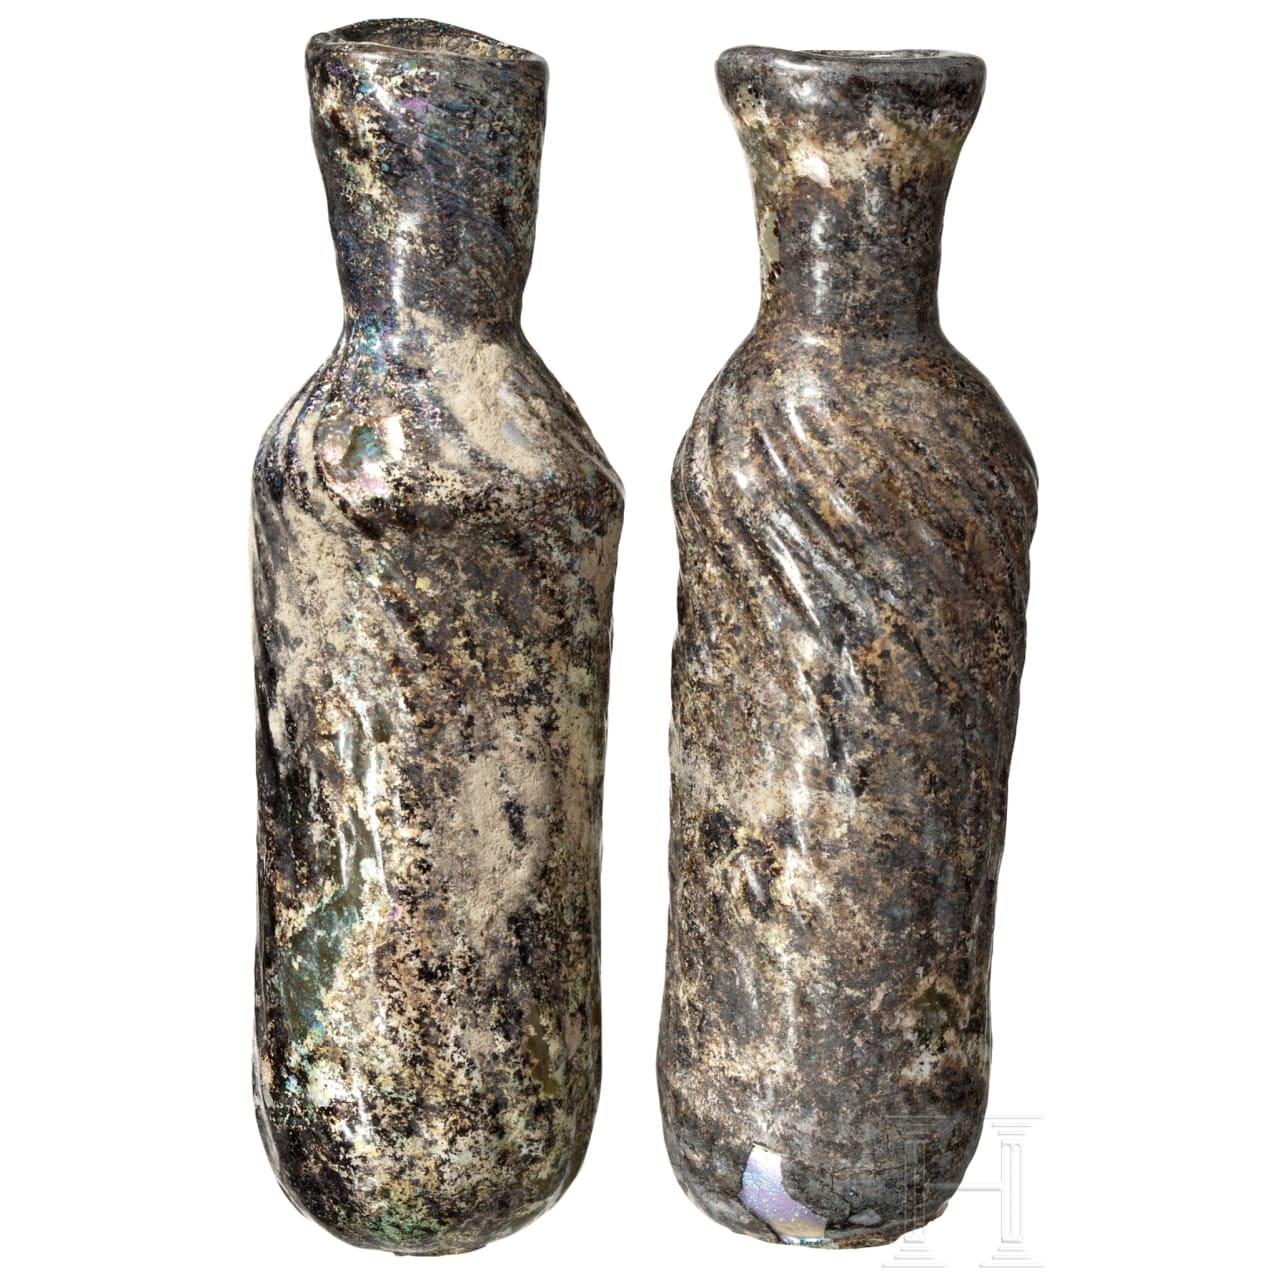 Zwei Rippenflaschen, römisch, östlicher Mittelmeerraum, 2. - 4. Jhdt. n. Chr.